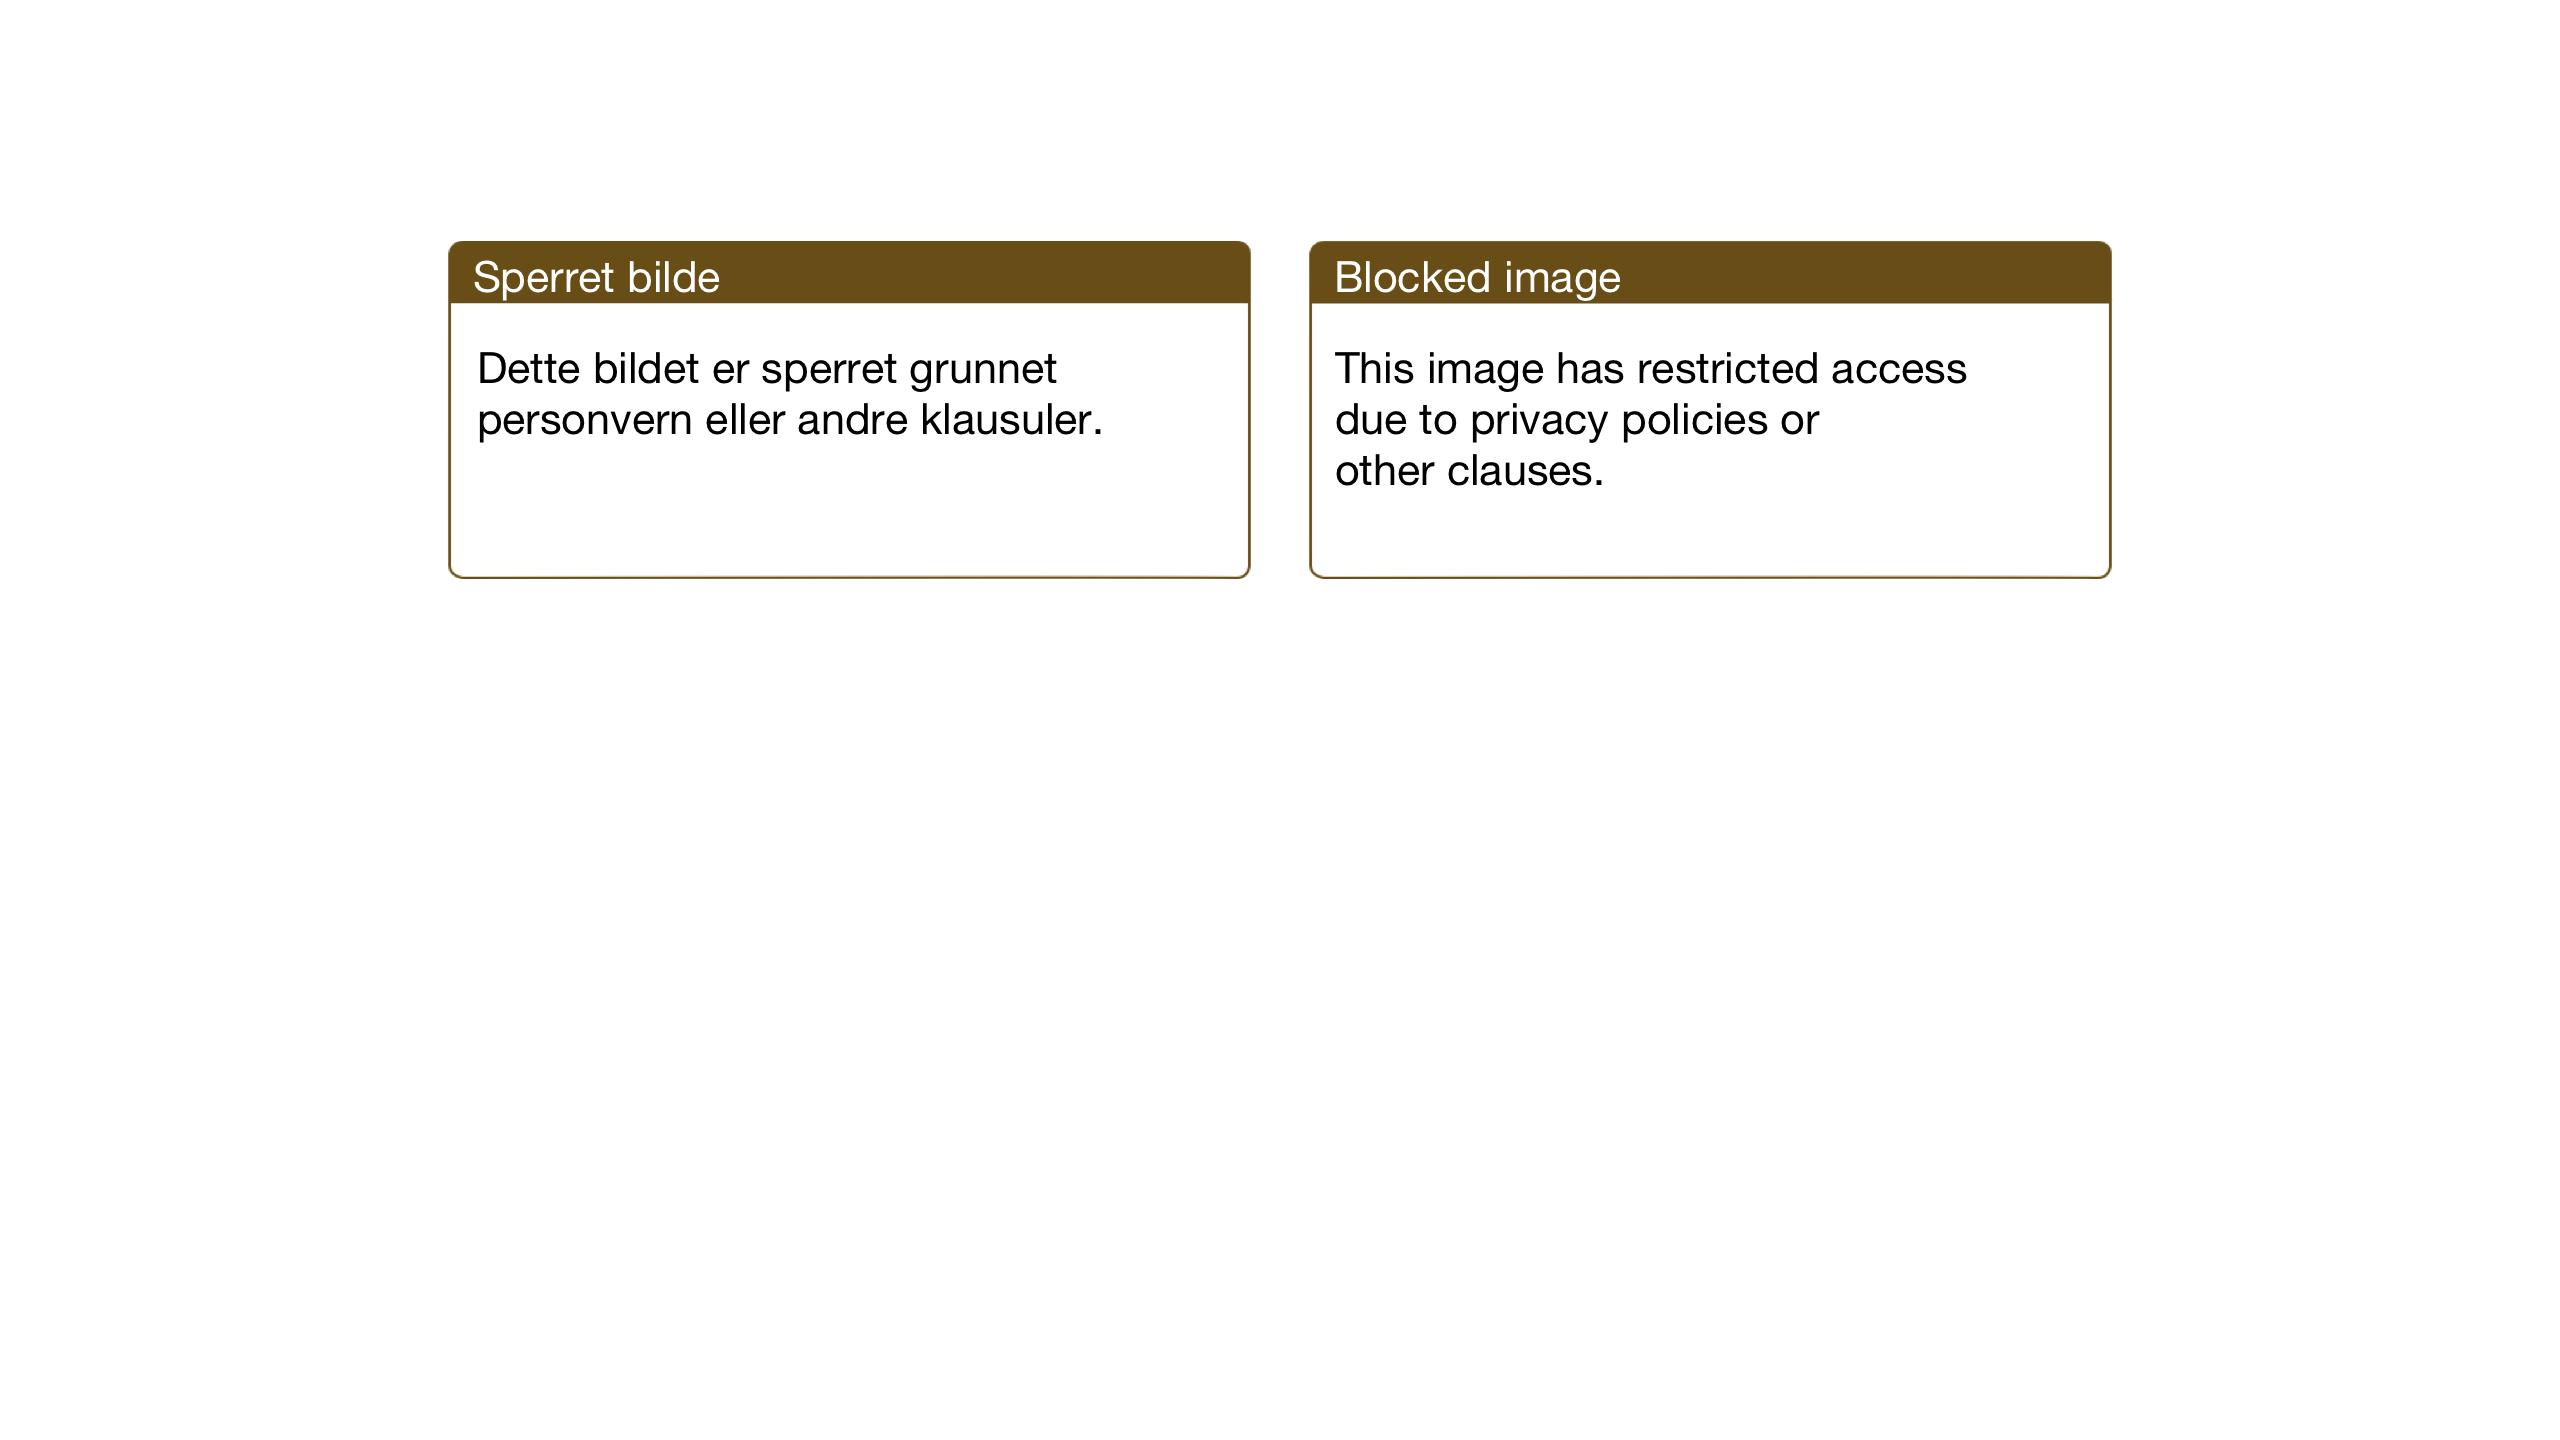 SAT, Ministerialprotokoller, klokkerbøker og fødselsregistre - Nord-Trøndelag, 710/L0097: Klokkerbok nr. 710C02, 1925-1955, s. 49